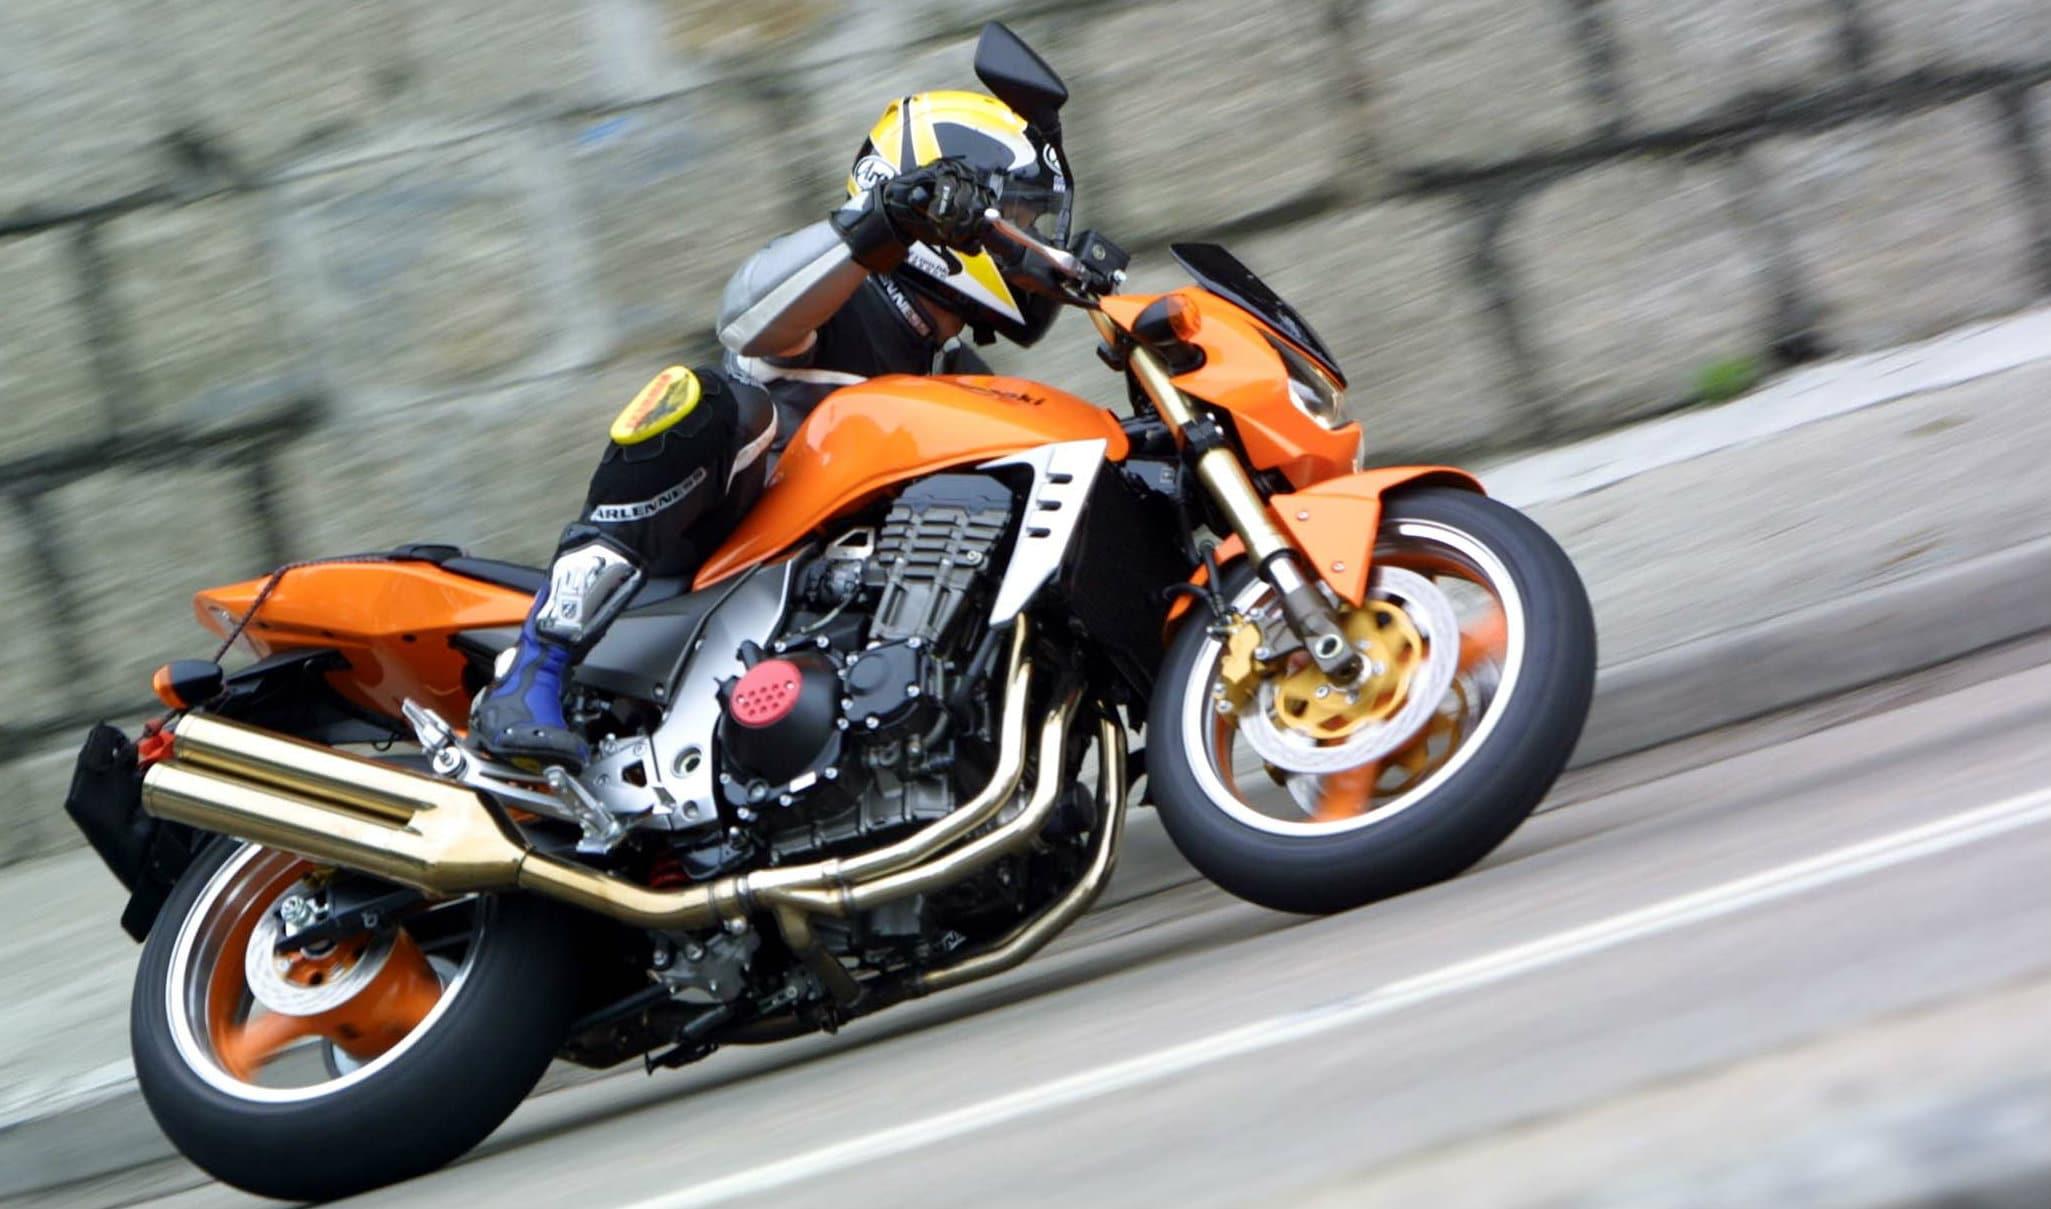 Kawasaki Z1000 2003 Or